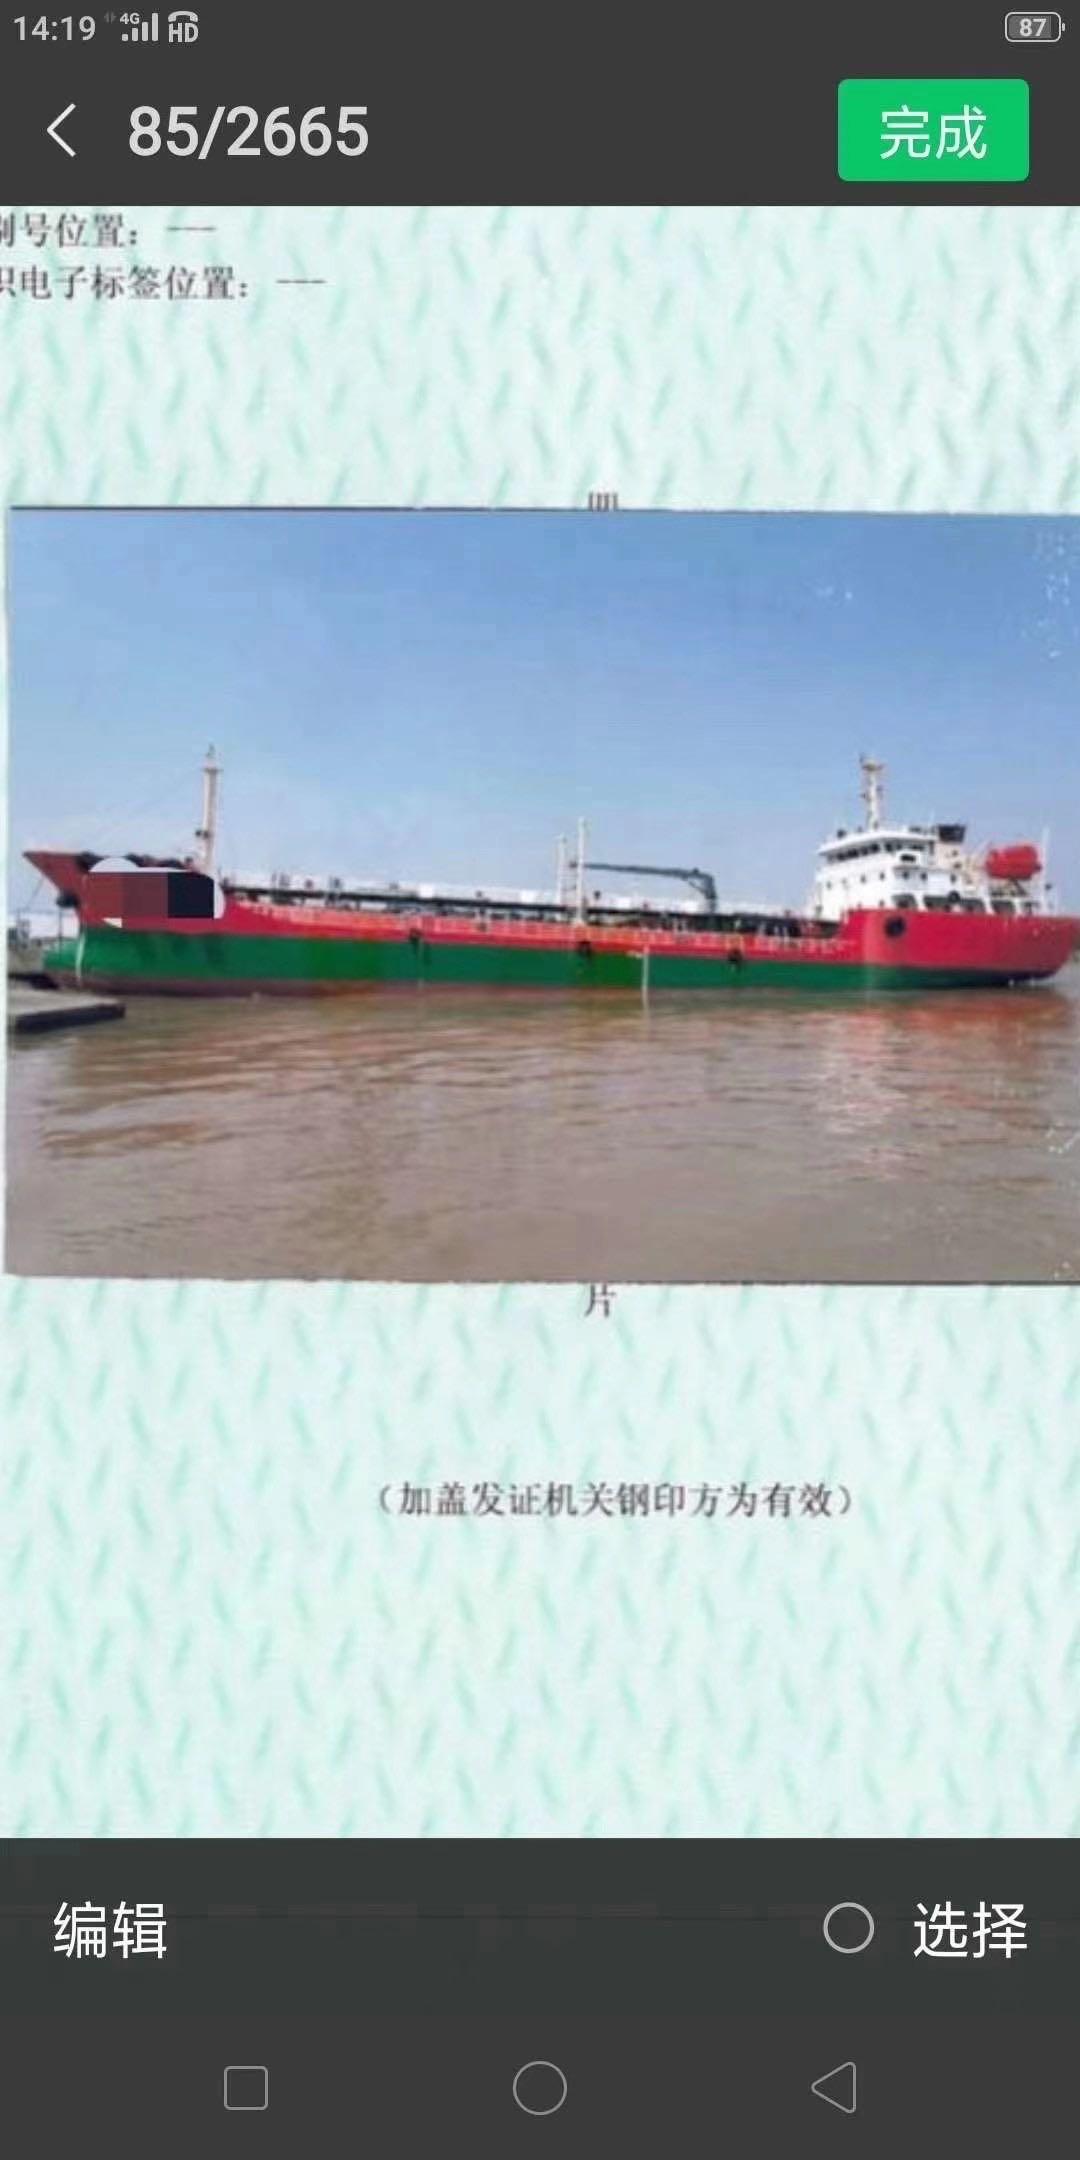 出售9500吨油船